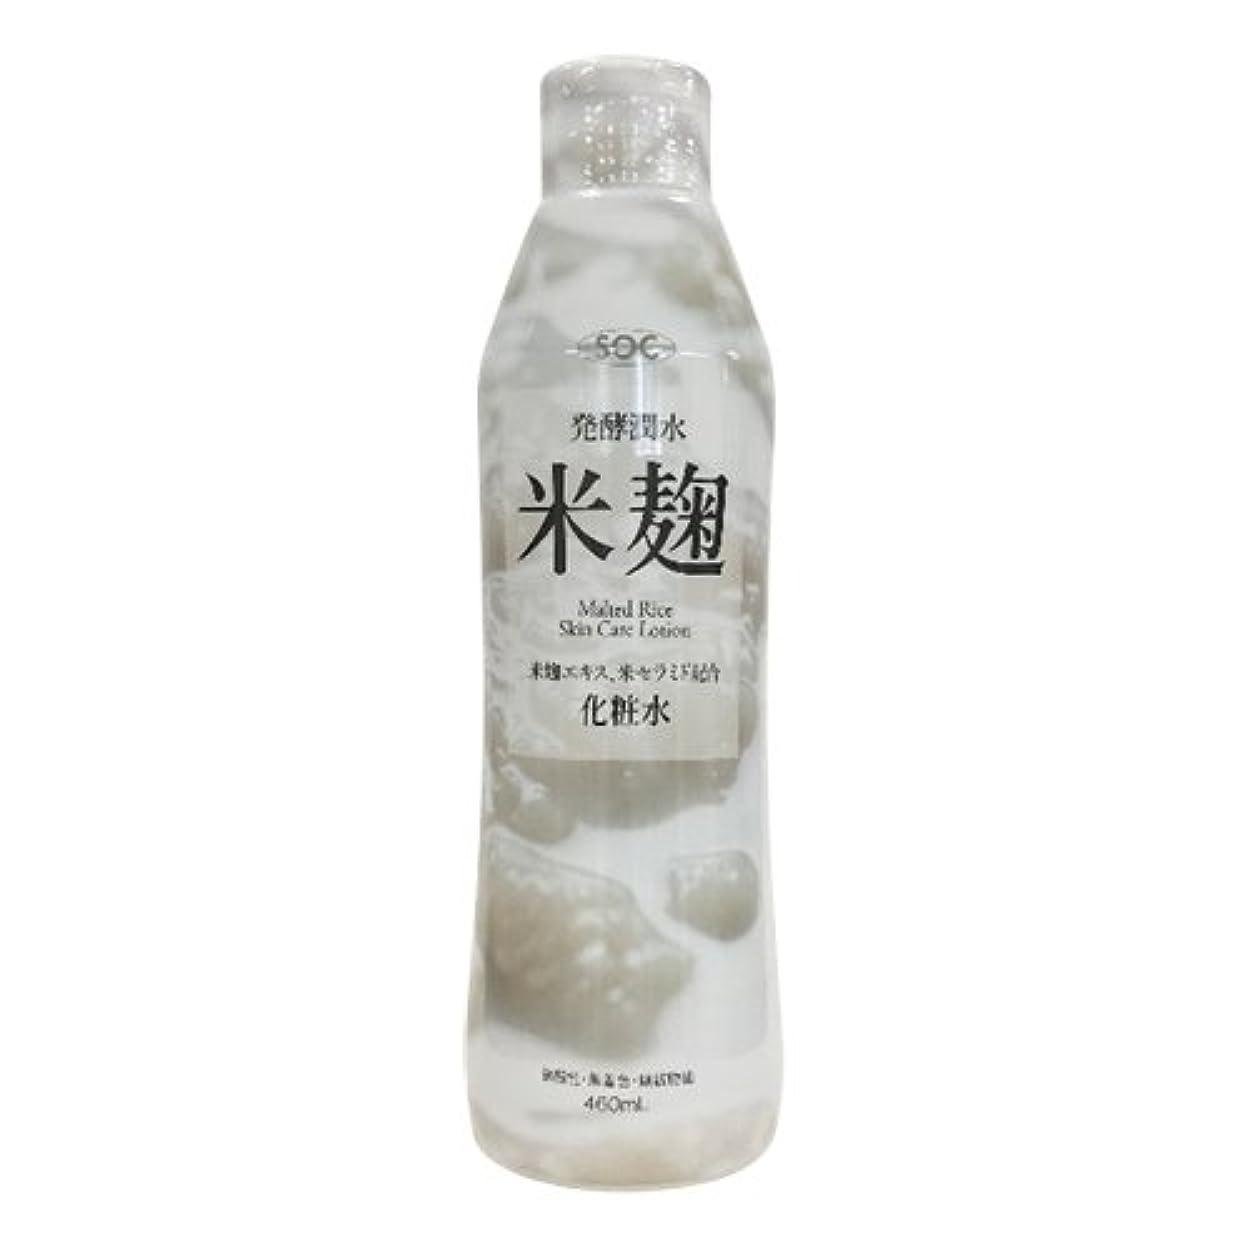 重要な役割を果たす、中心的な手段となる職人ワイヤーSOC 米麹配合化粧水 (460mL)